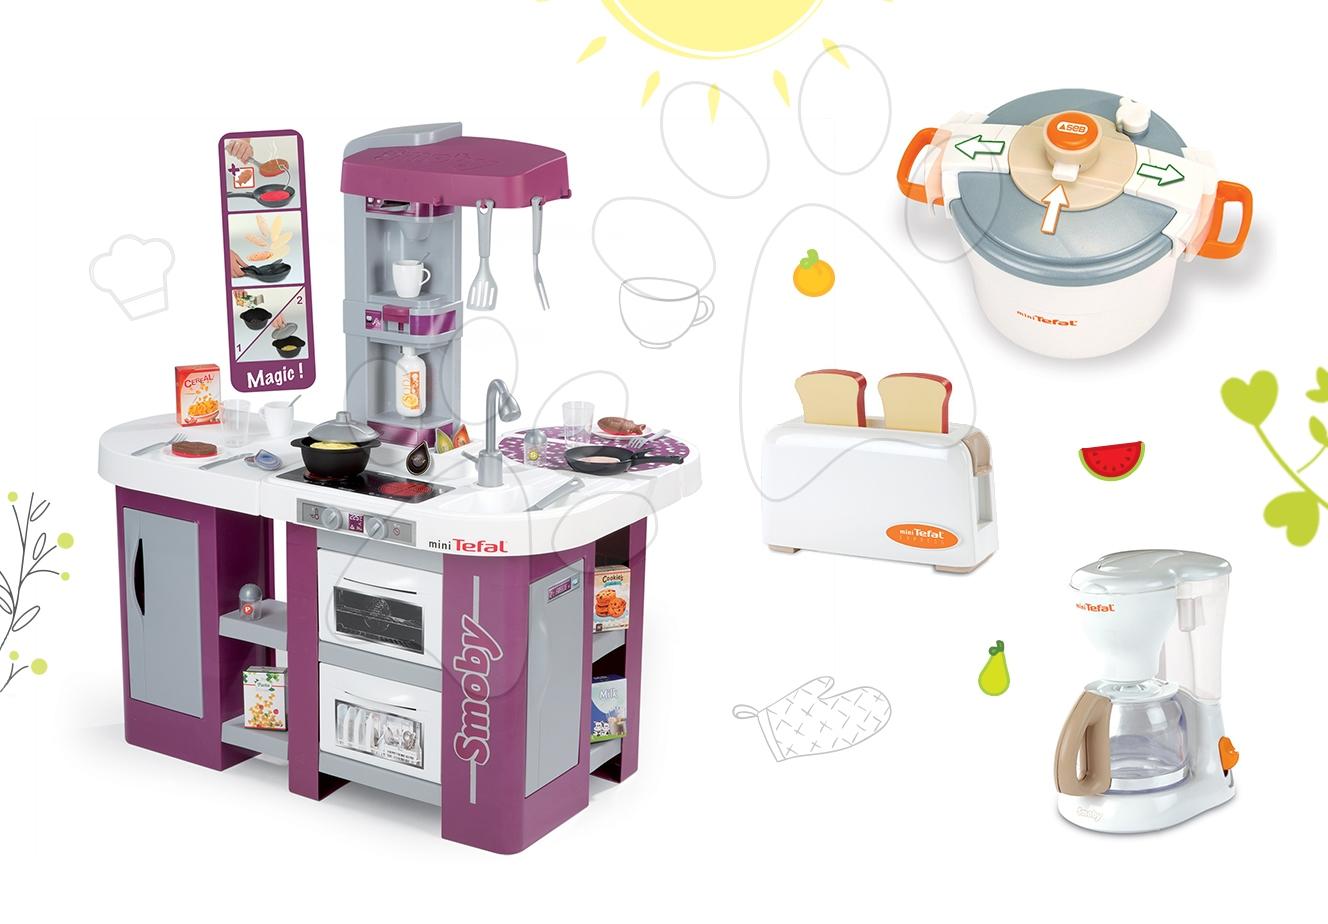 Set kuchyňka pro děti Tefal Studio XL Smoby s myčkou nádobí a lednicí a souprava 3 spotřebičů Tefal